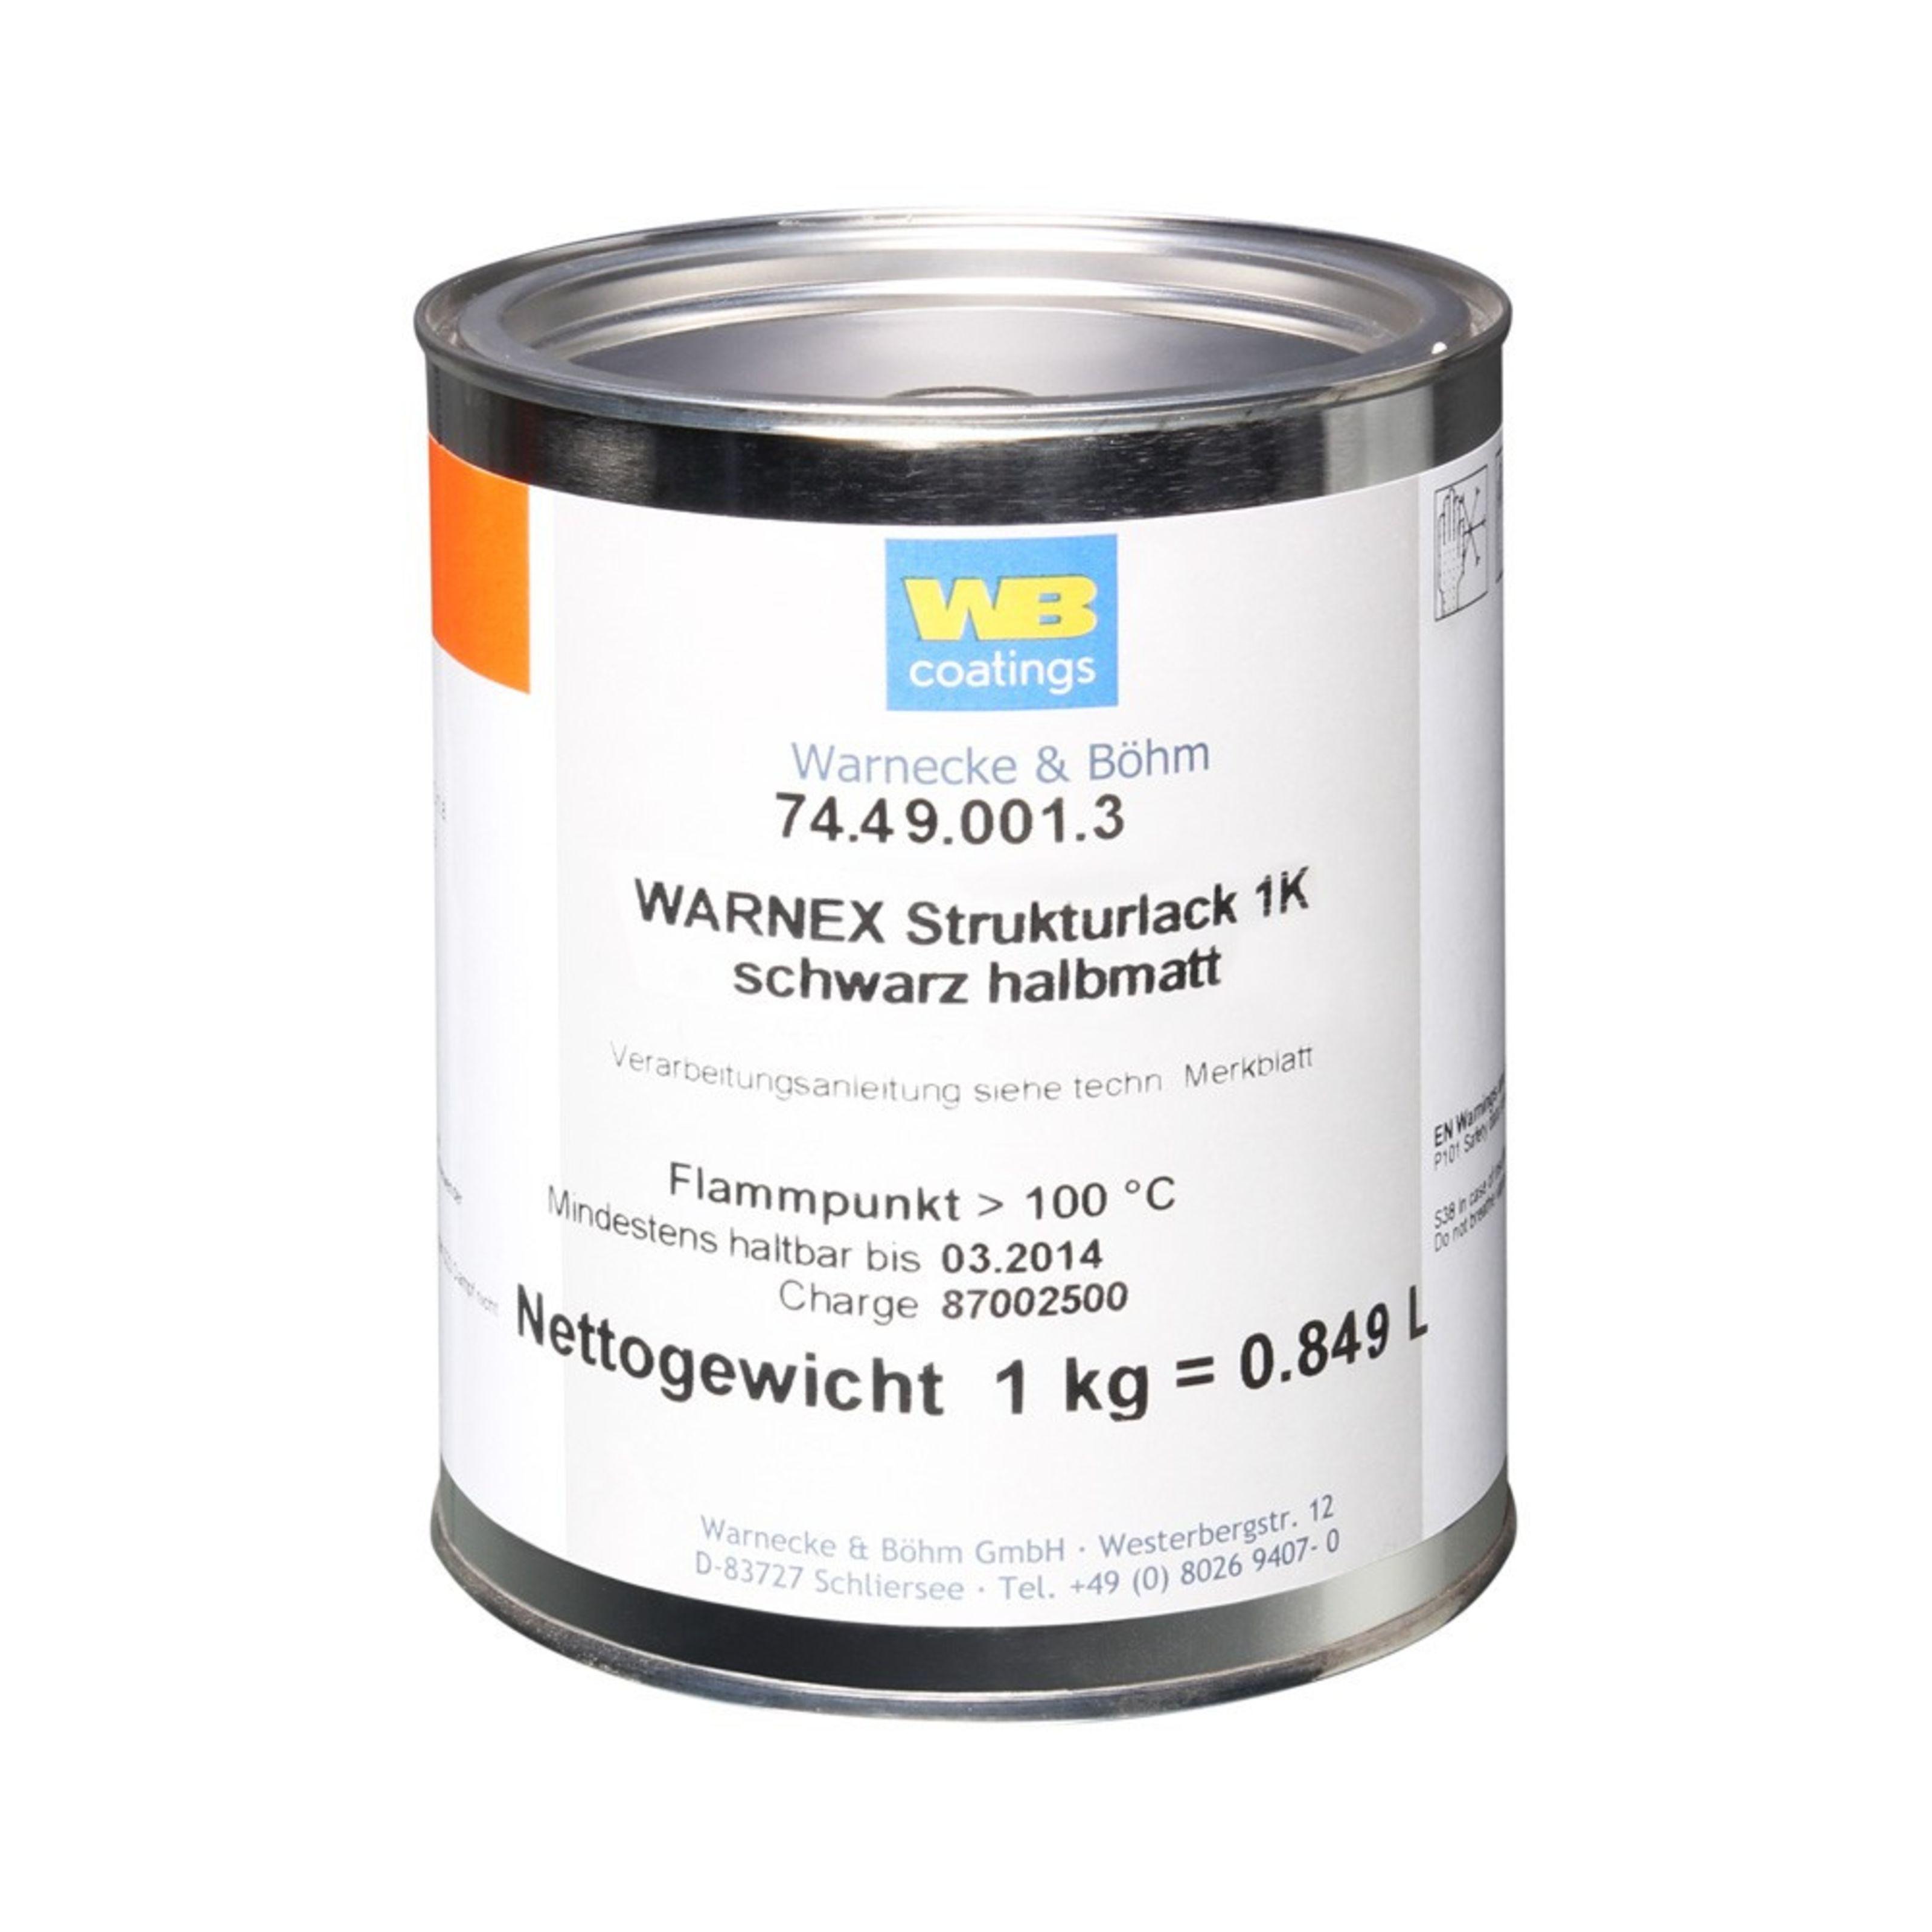 Warnex - Strukturlack 1 kg schwarz 0131